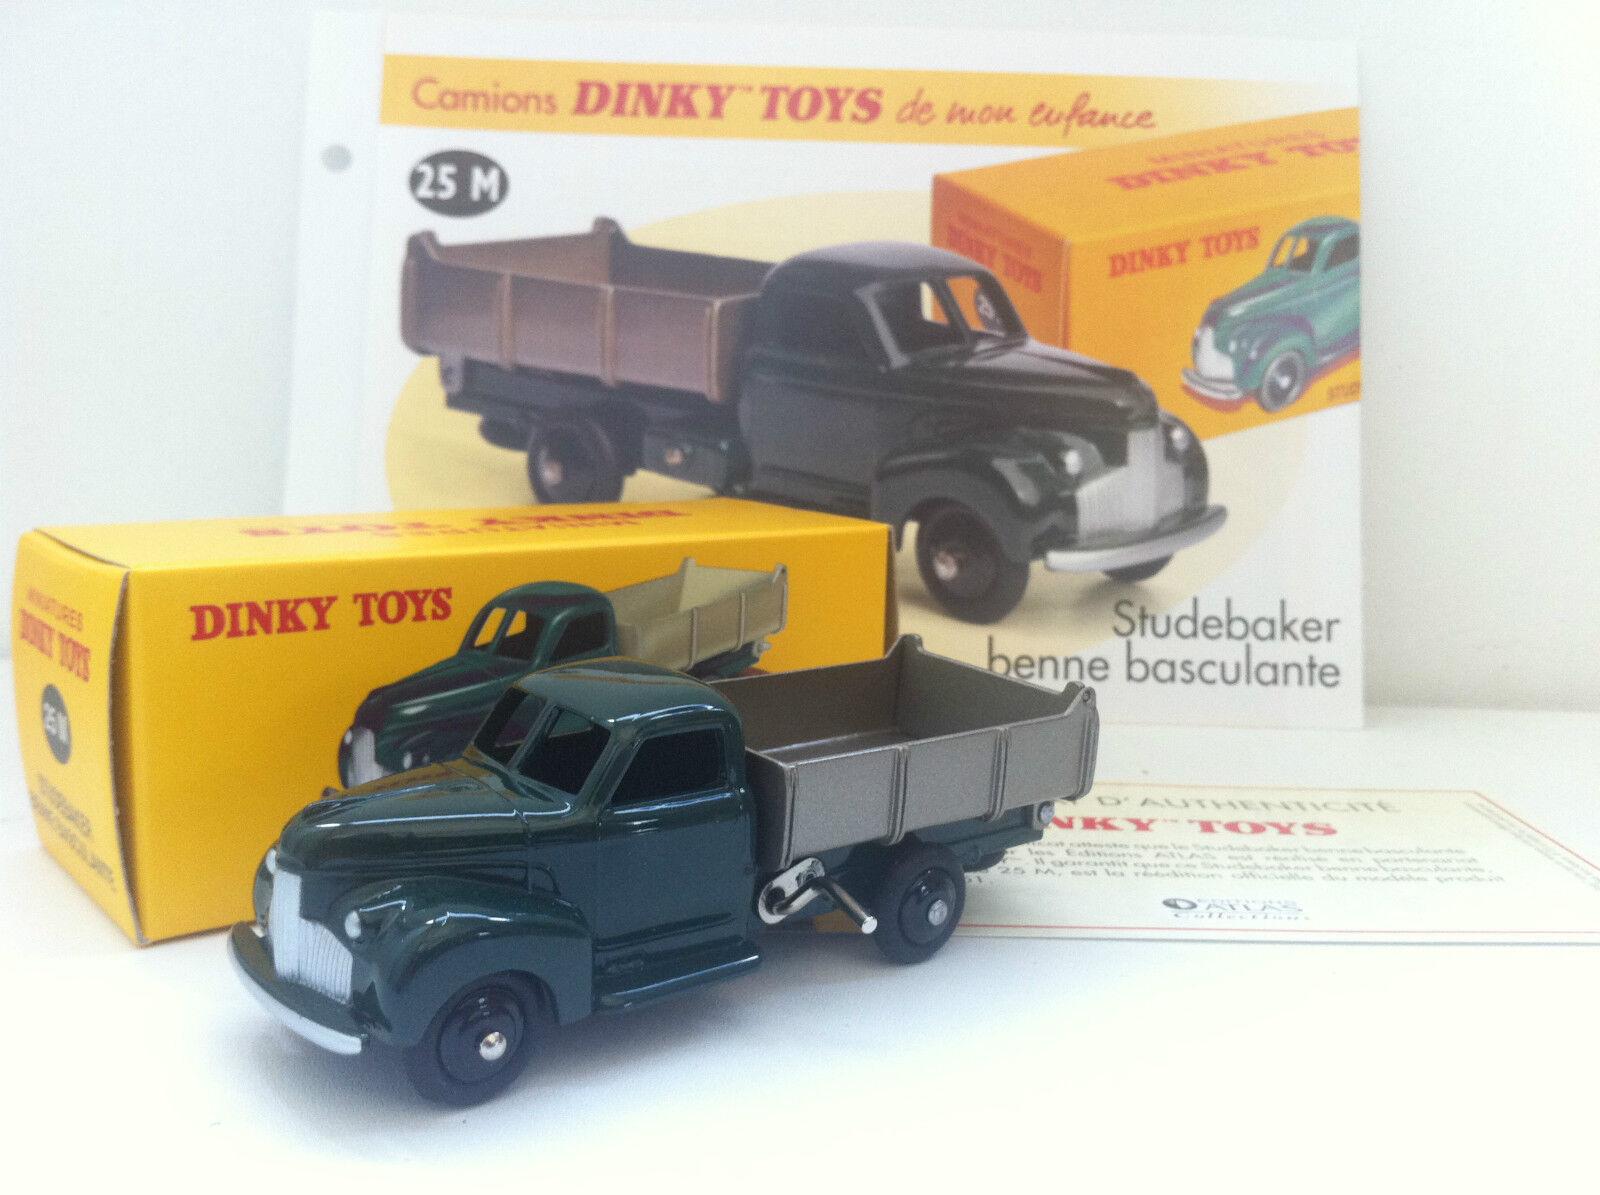 Dinky giocattoli Atlas - Studebaker à benne benne benne basculante b45b79